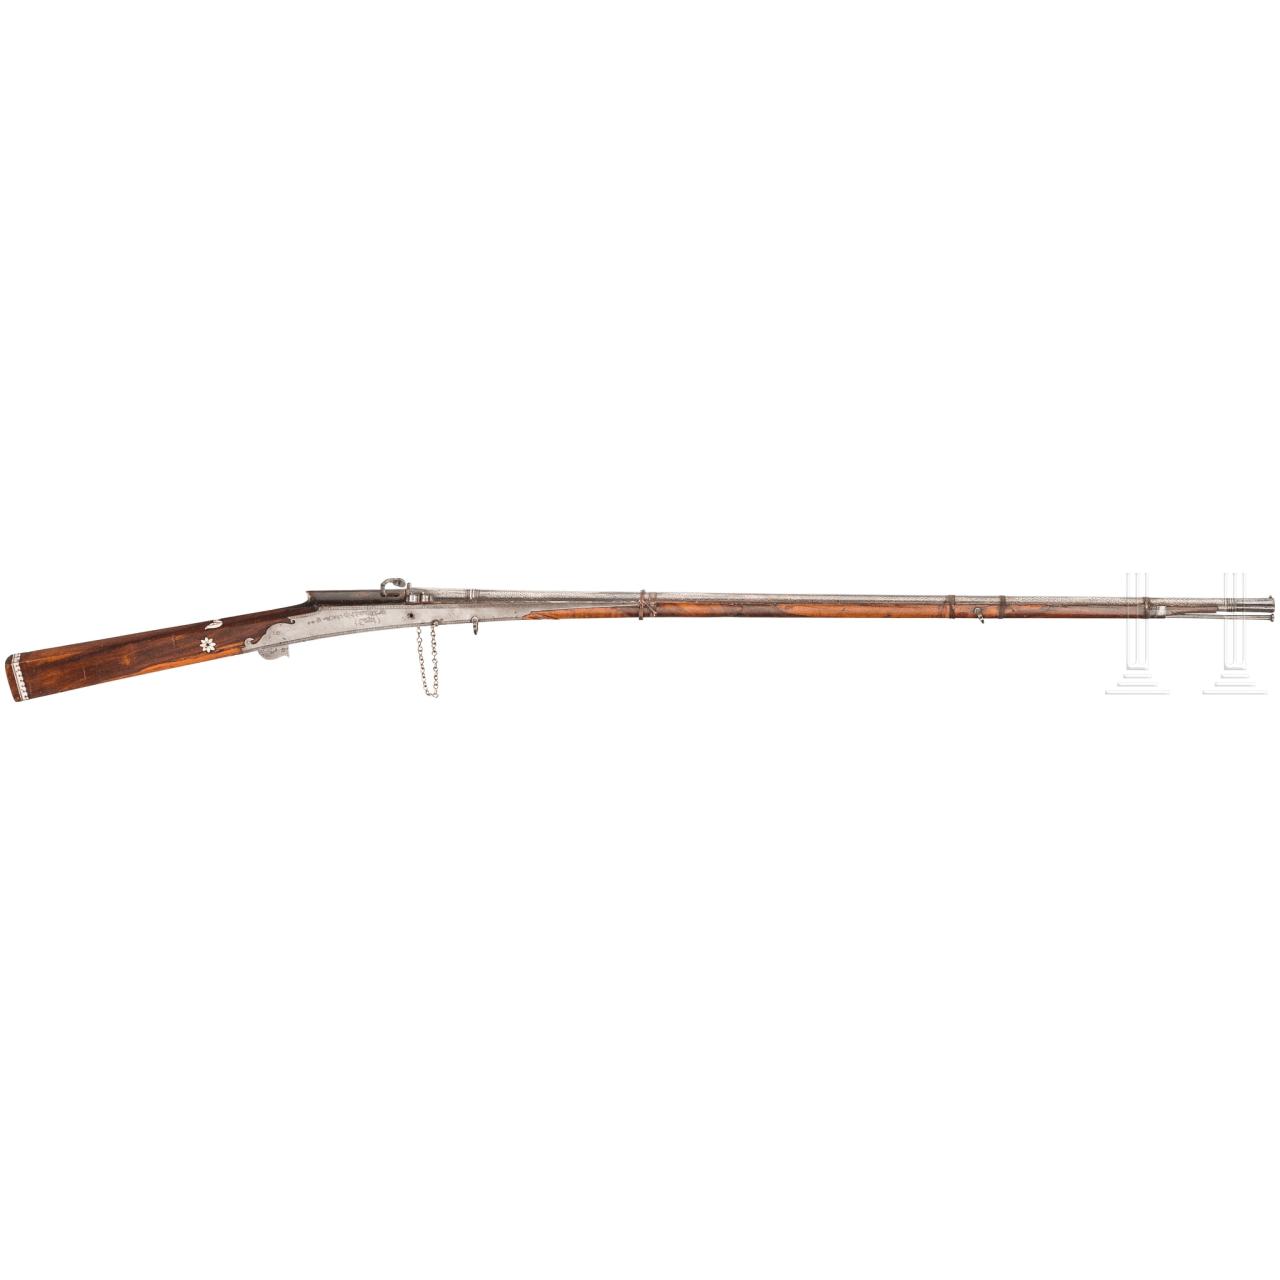 Silbertauschiertes Luntenschlossgewehr, Indien, um 1800